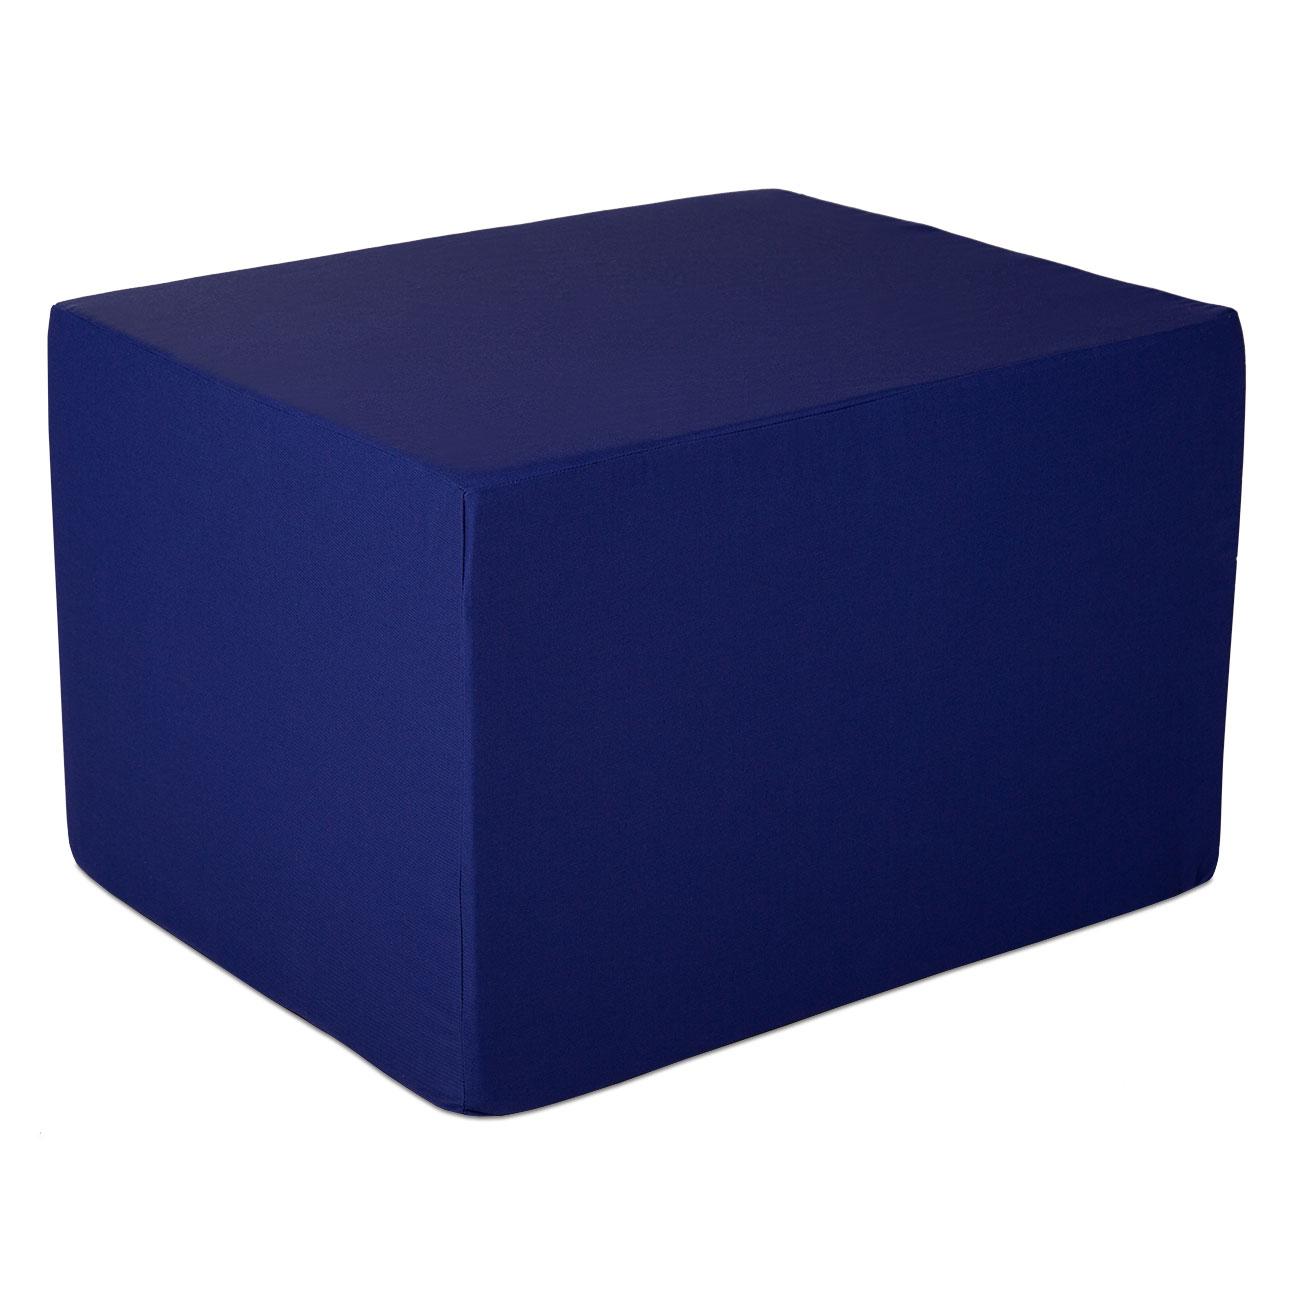 Bandscheibenwürfel blau. Ein Würfel, viele Möglichkeiten!